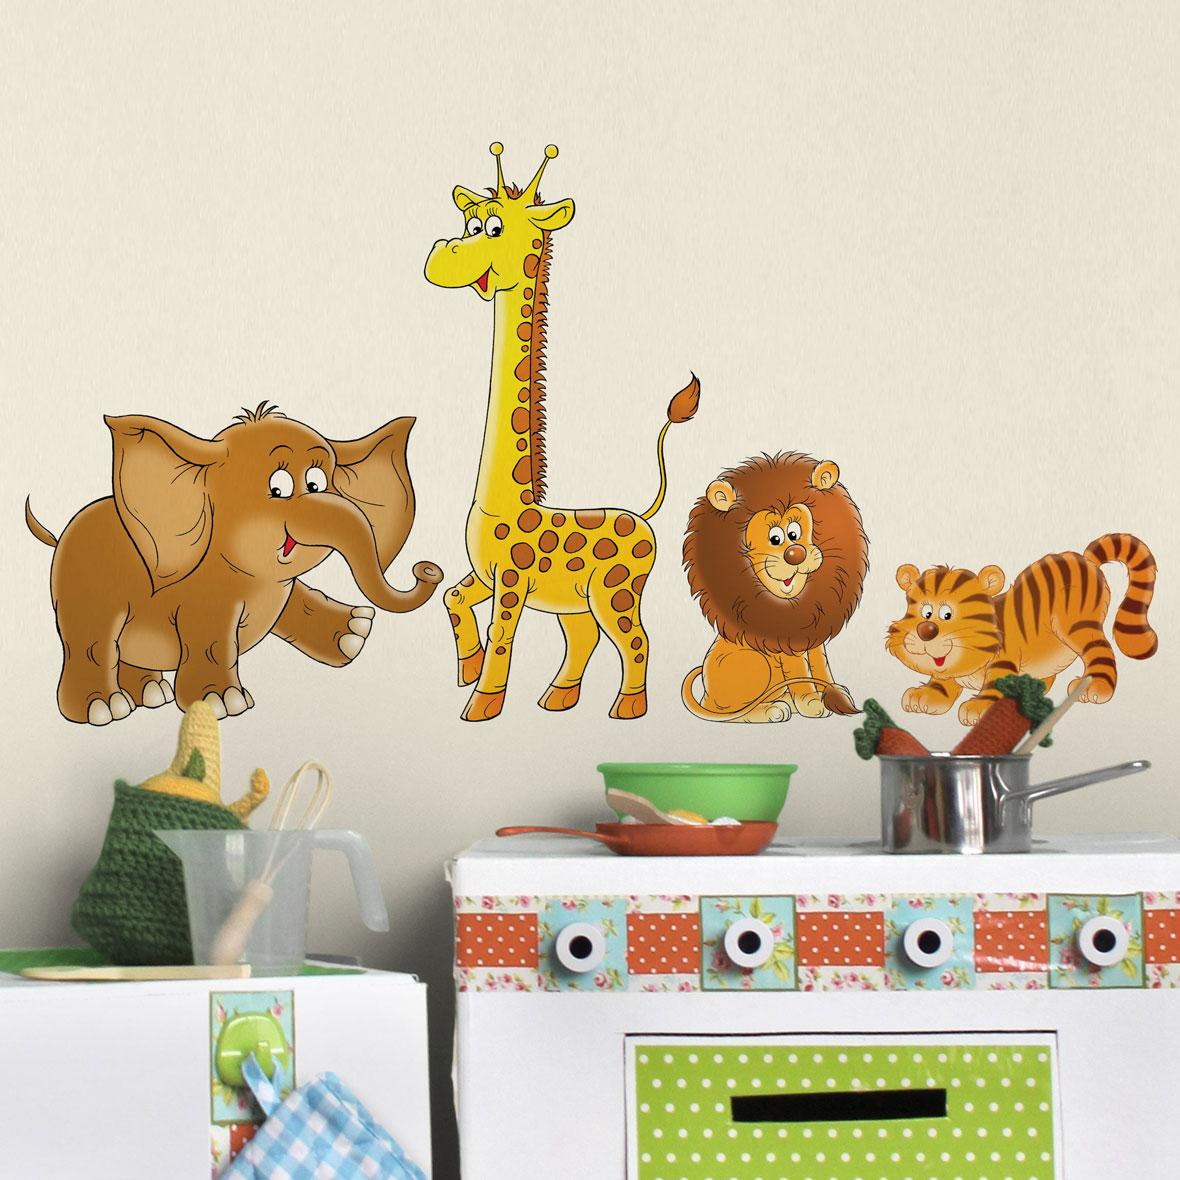 Full Size of Wandtattoo Kinderzimmer Tiere Wandtattoos Bad Regale Sprüche Sofa Küche Schlafzimmer Regal Wohnzimmer Weiß Kinderzimmer Wandtattoo Kinderzimmer Tiere